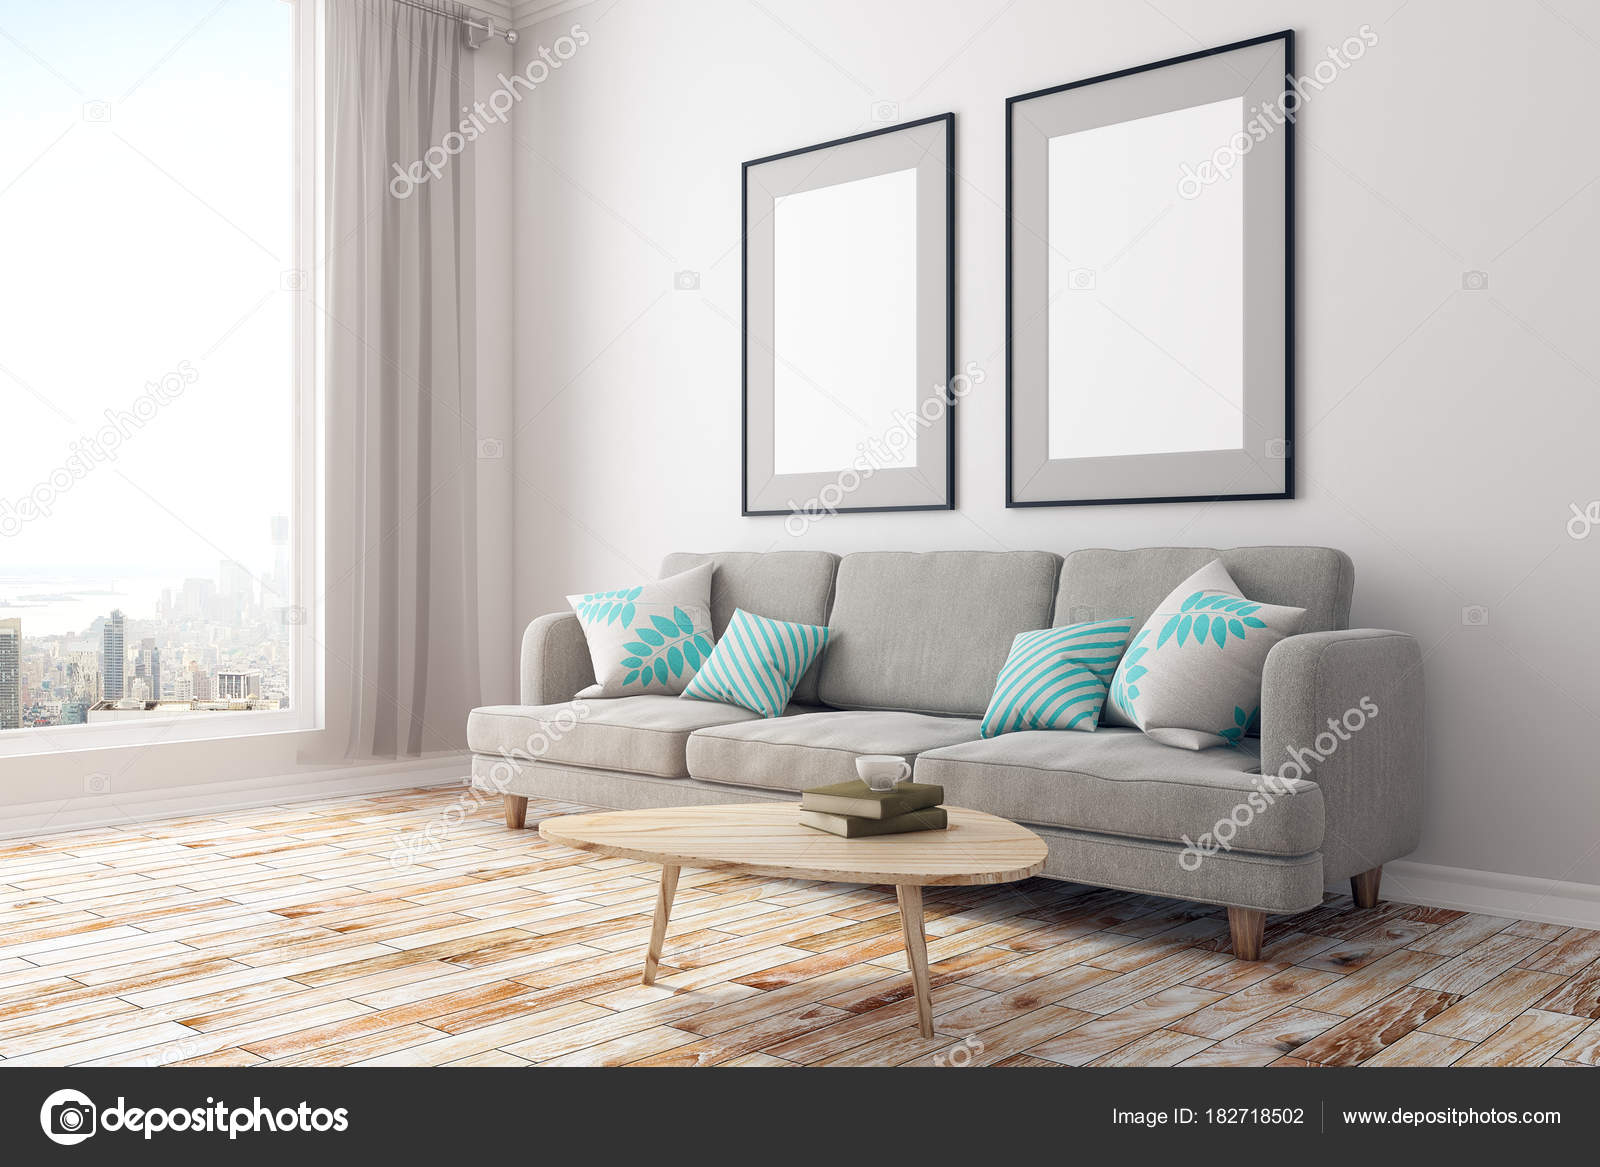 Modernes Zimmer mit Plakat-Seite — Stockfoto © peshkova #182718502